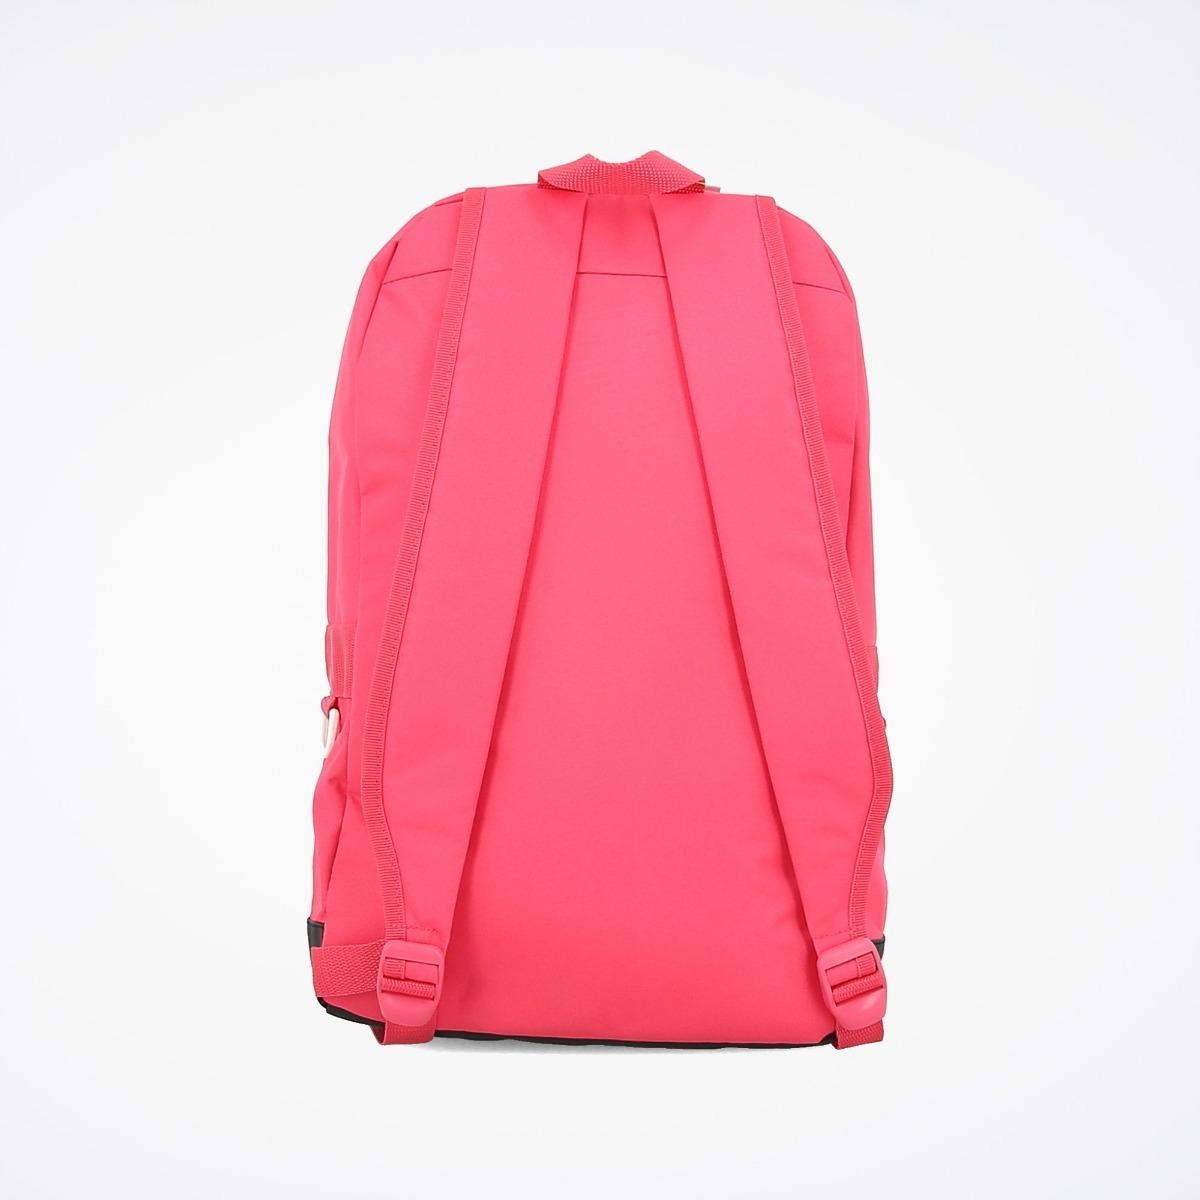 8141bc245 Mochila Feminina adidas Neo Daily Original - R$ 149,99 em Mercado Livre